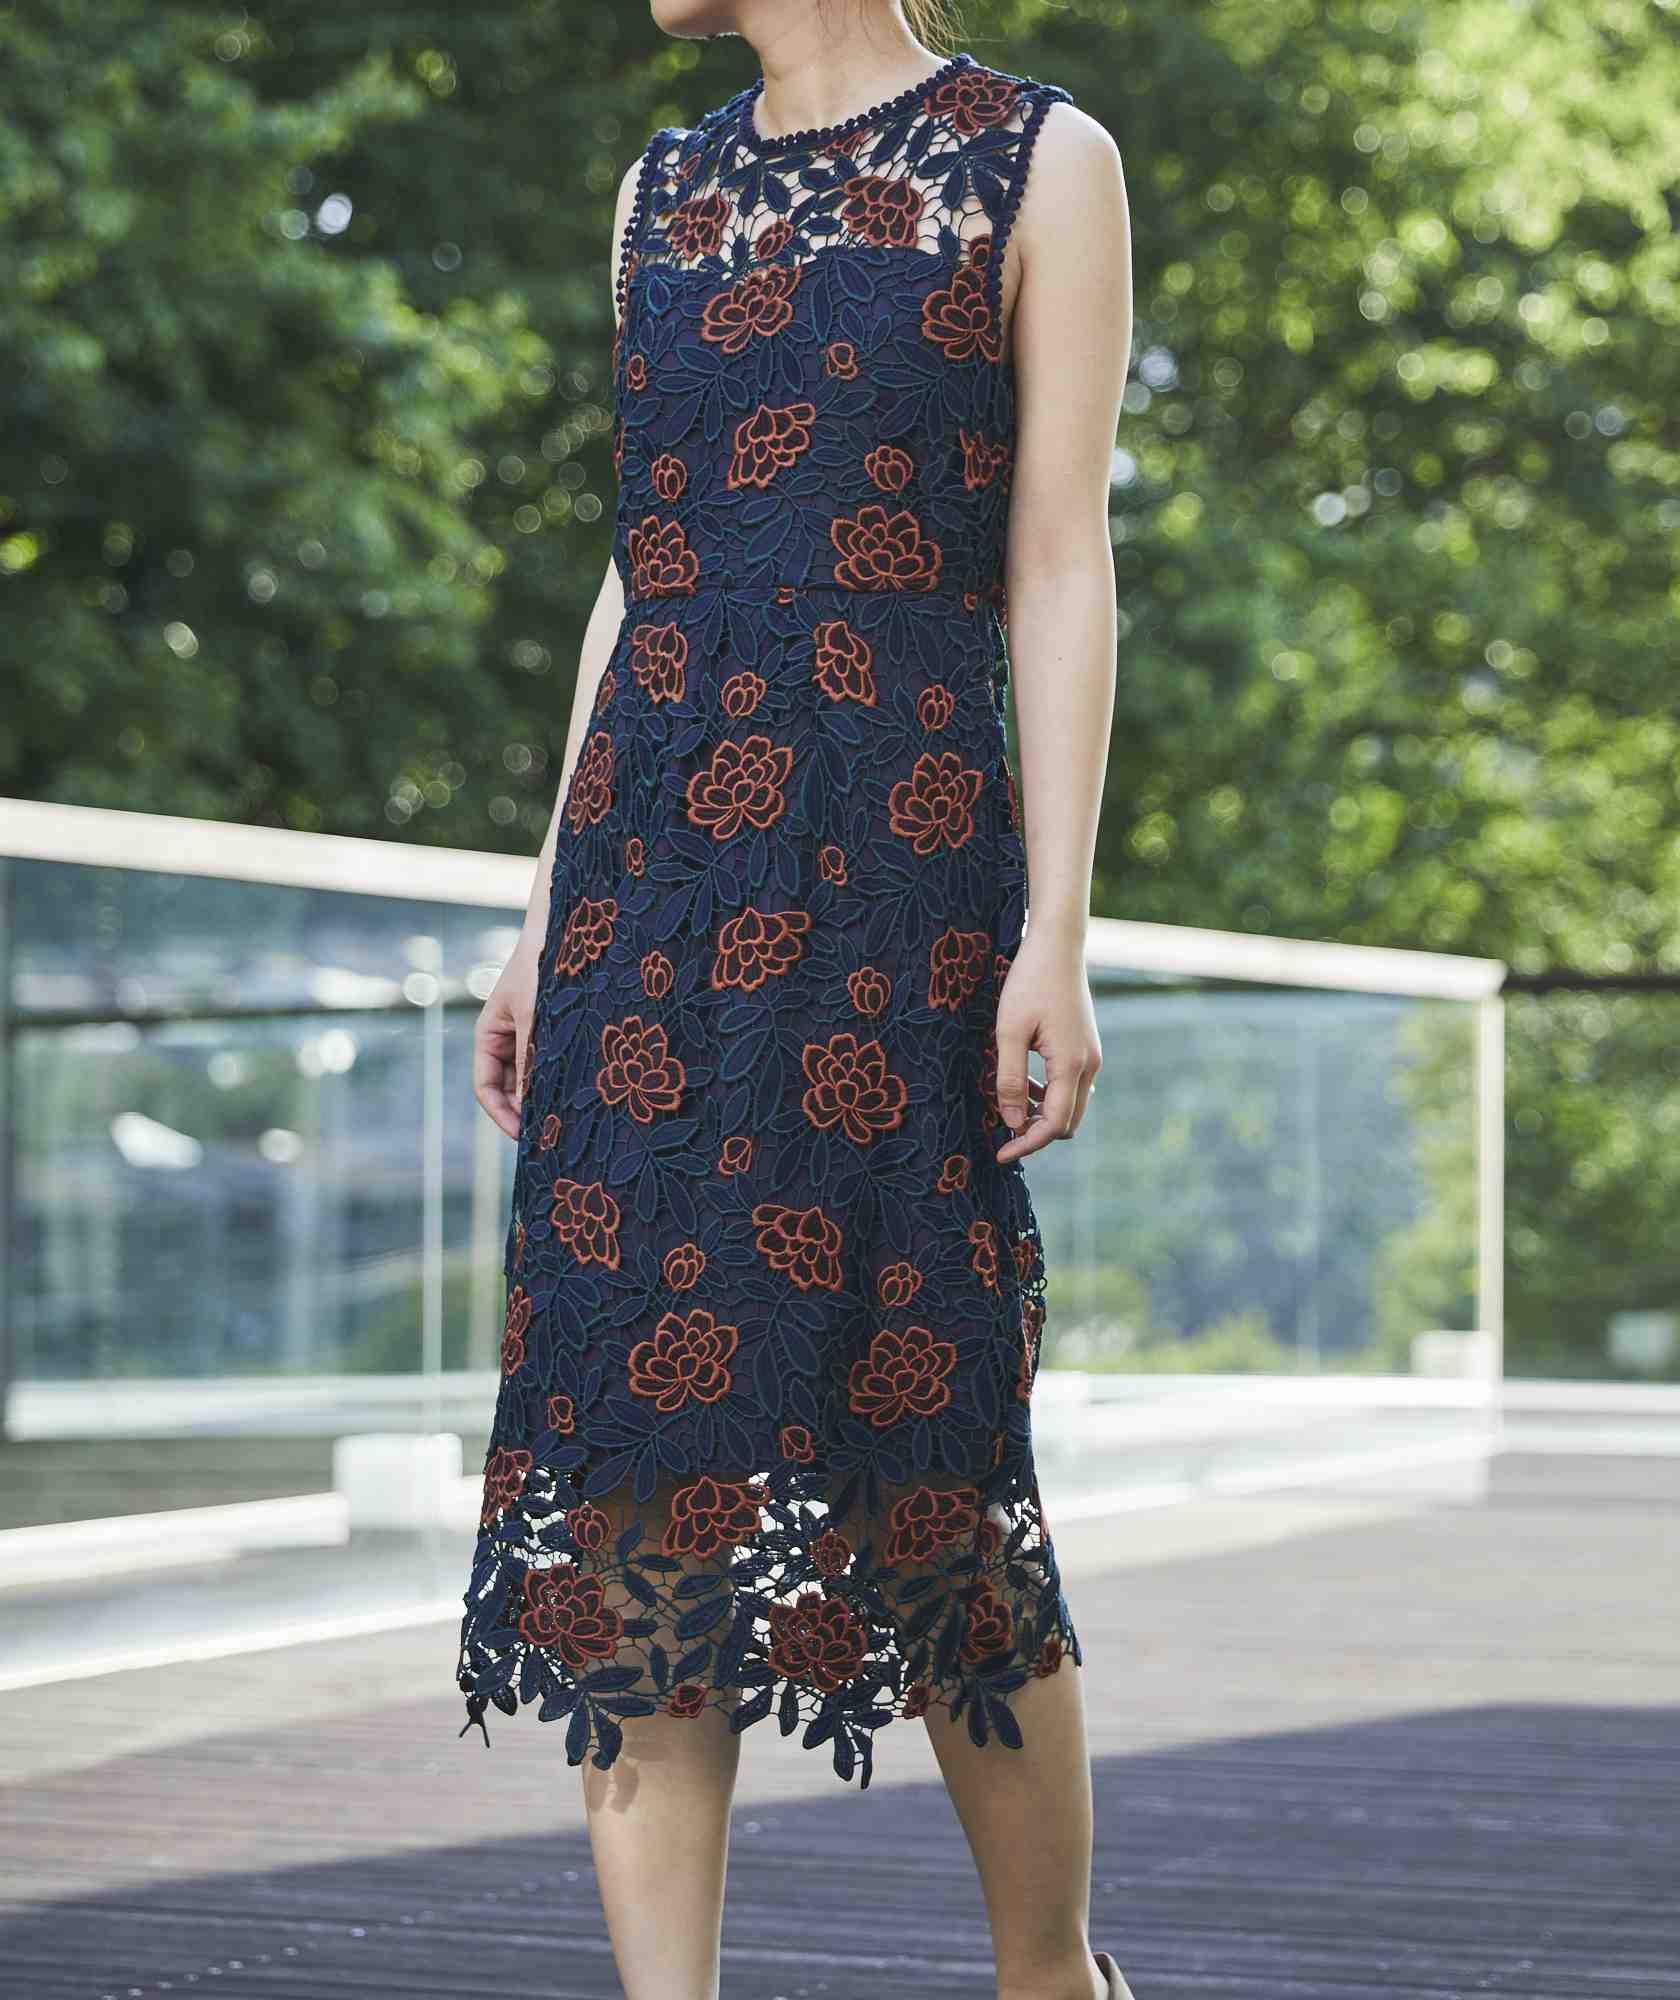 フラワーモチーフレースミディアムドレス-ネイビー-M